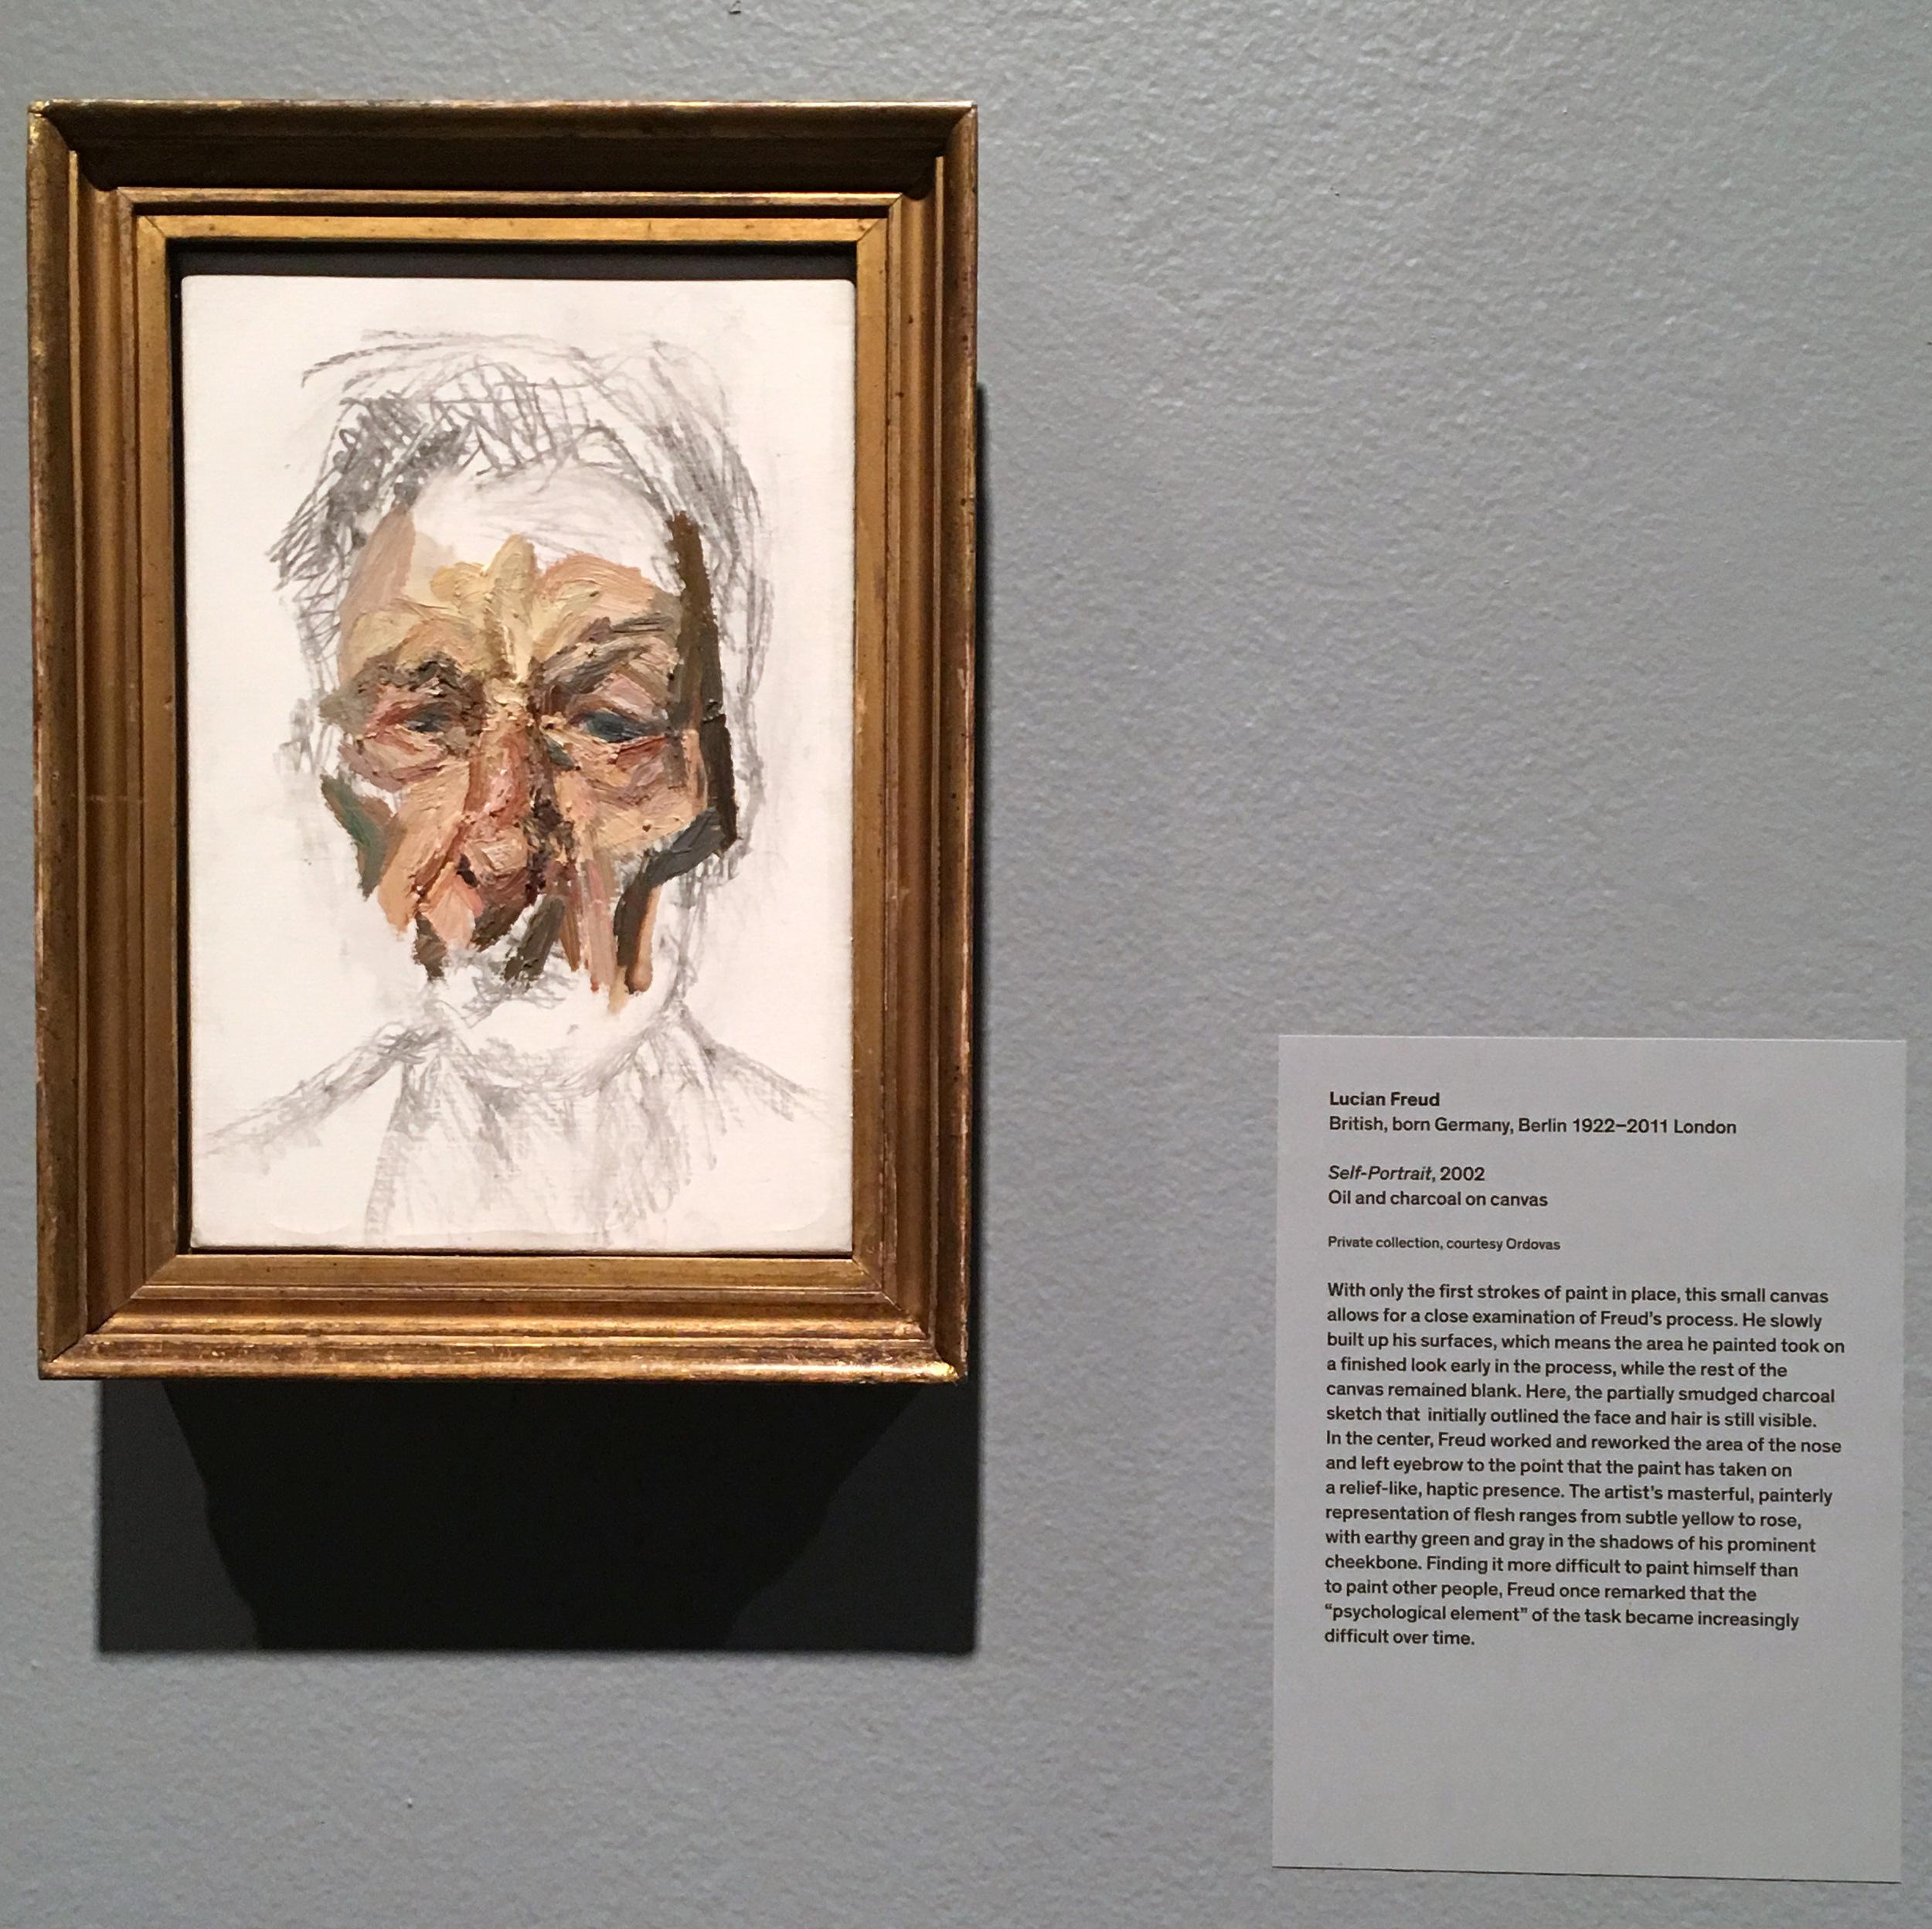 Lucian Freud, Self Portrait, 2002